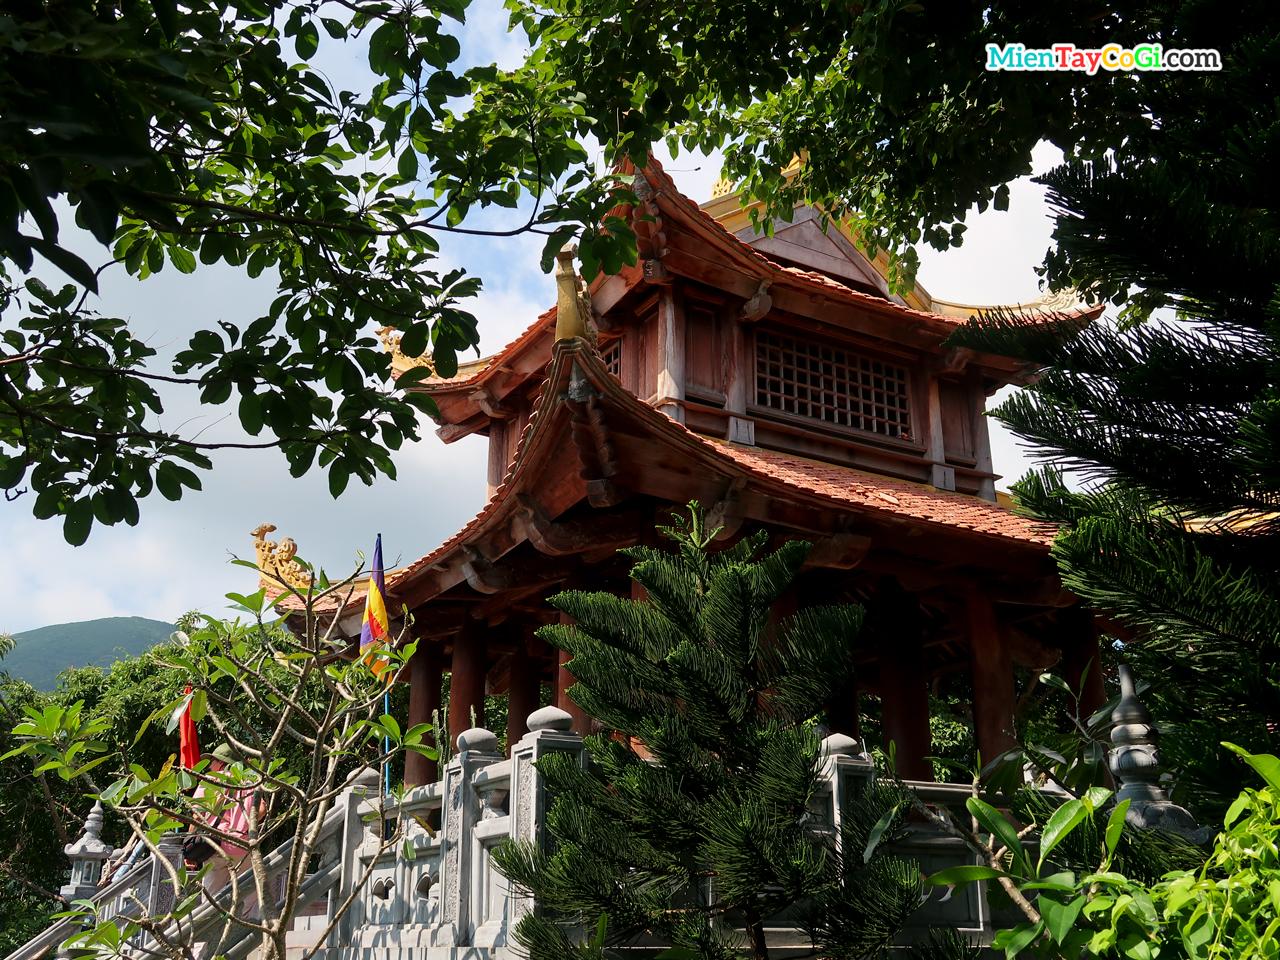 Vân Sơn Tự | Ngôi chùa DUY NHẤT tại Côn Đảo có gì đặc biệt